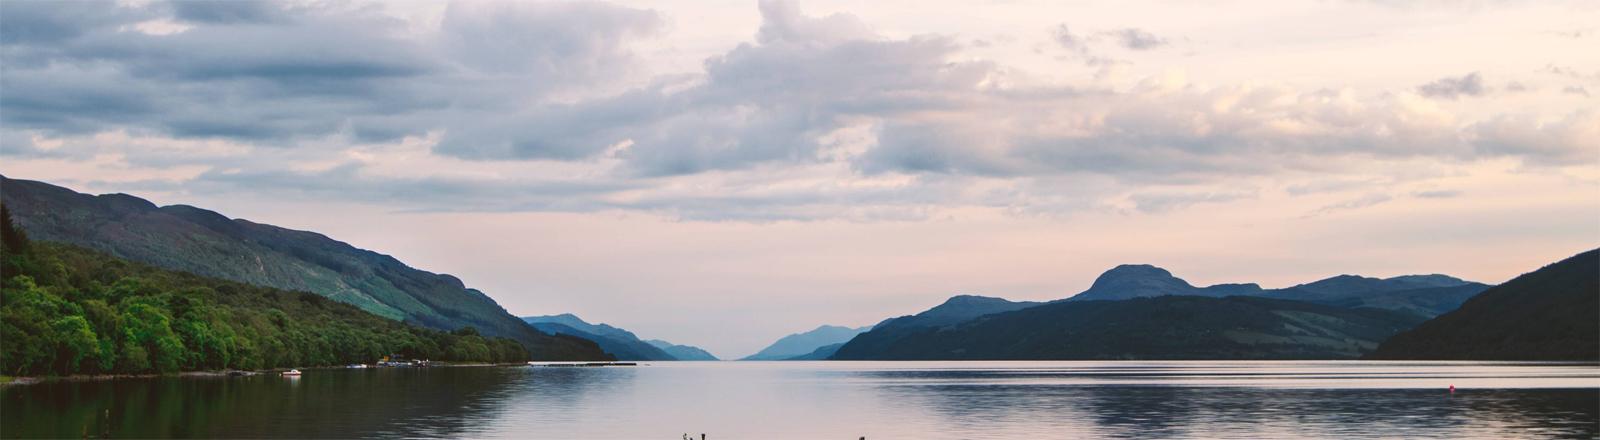 Kein Monster: Loch Nessin Schottland